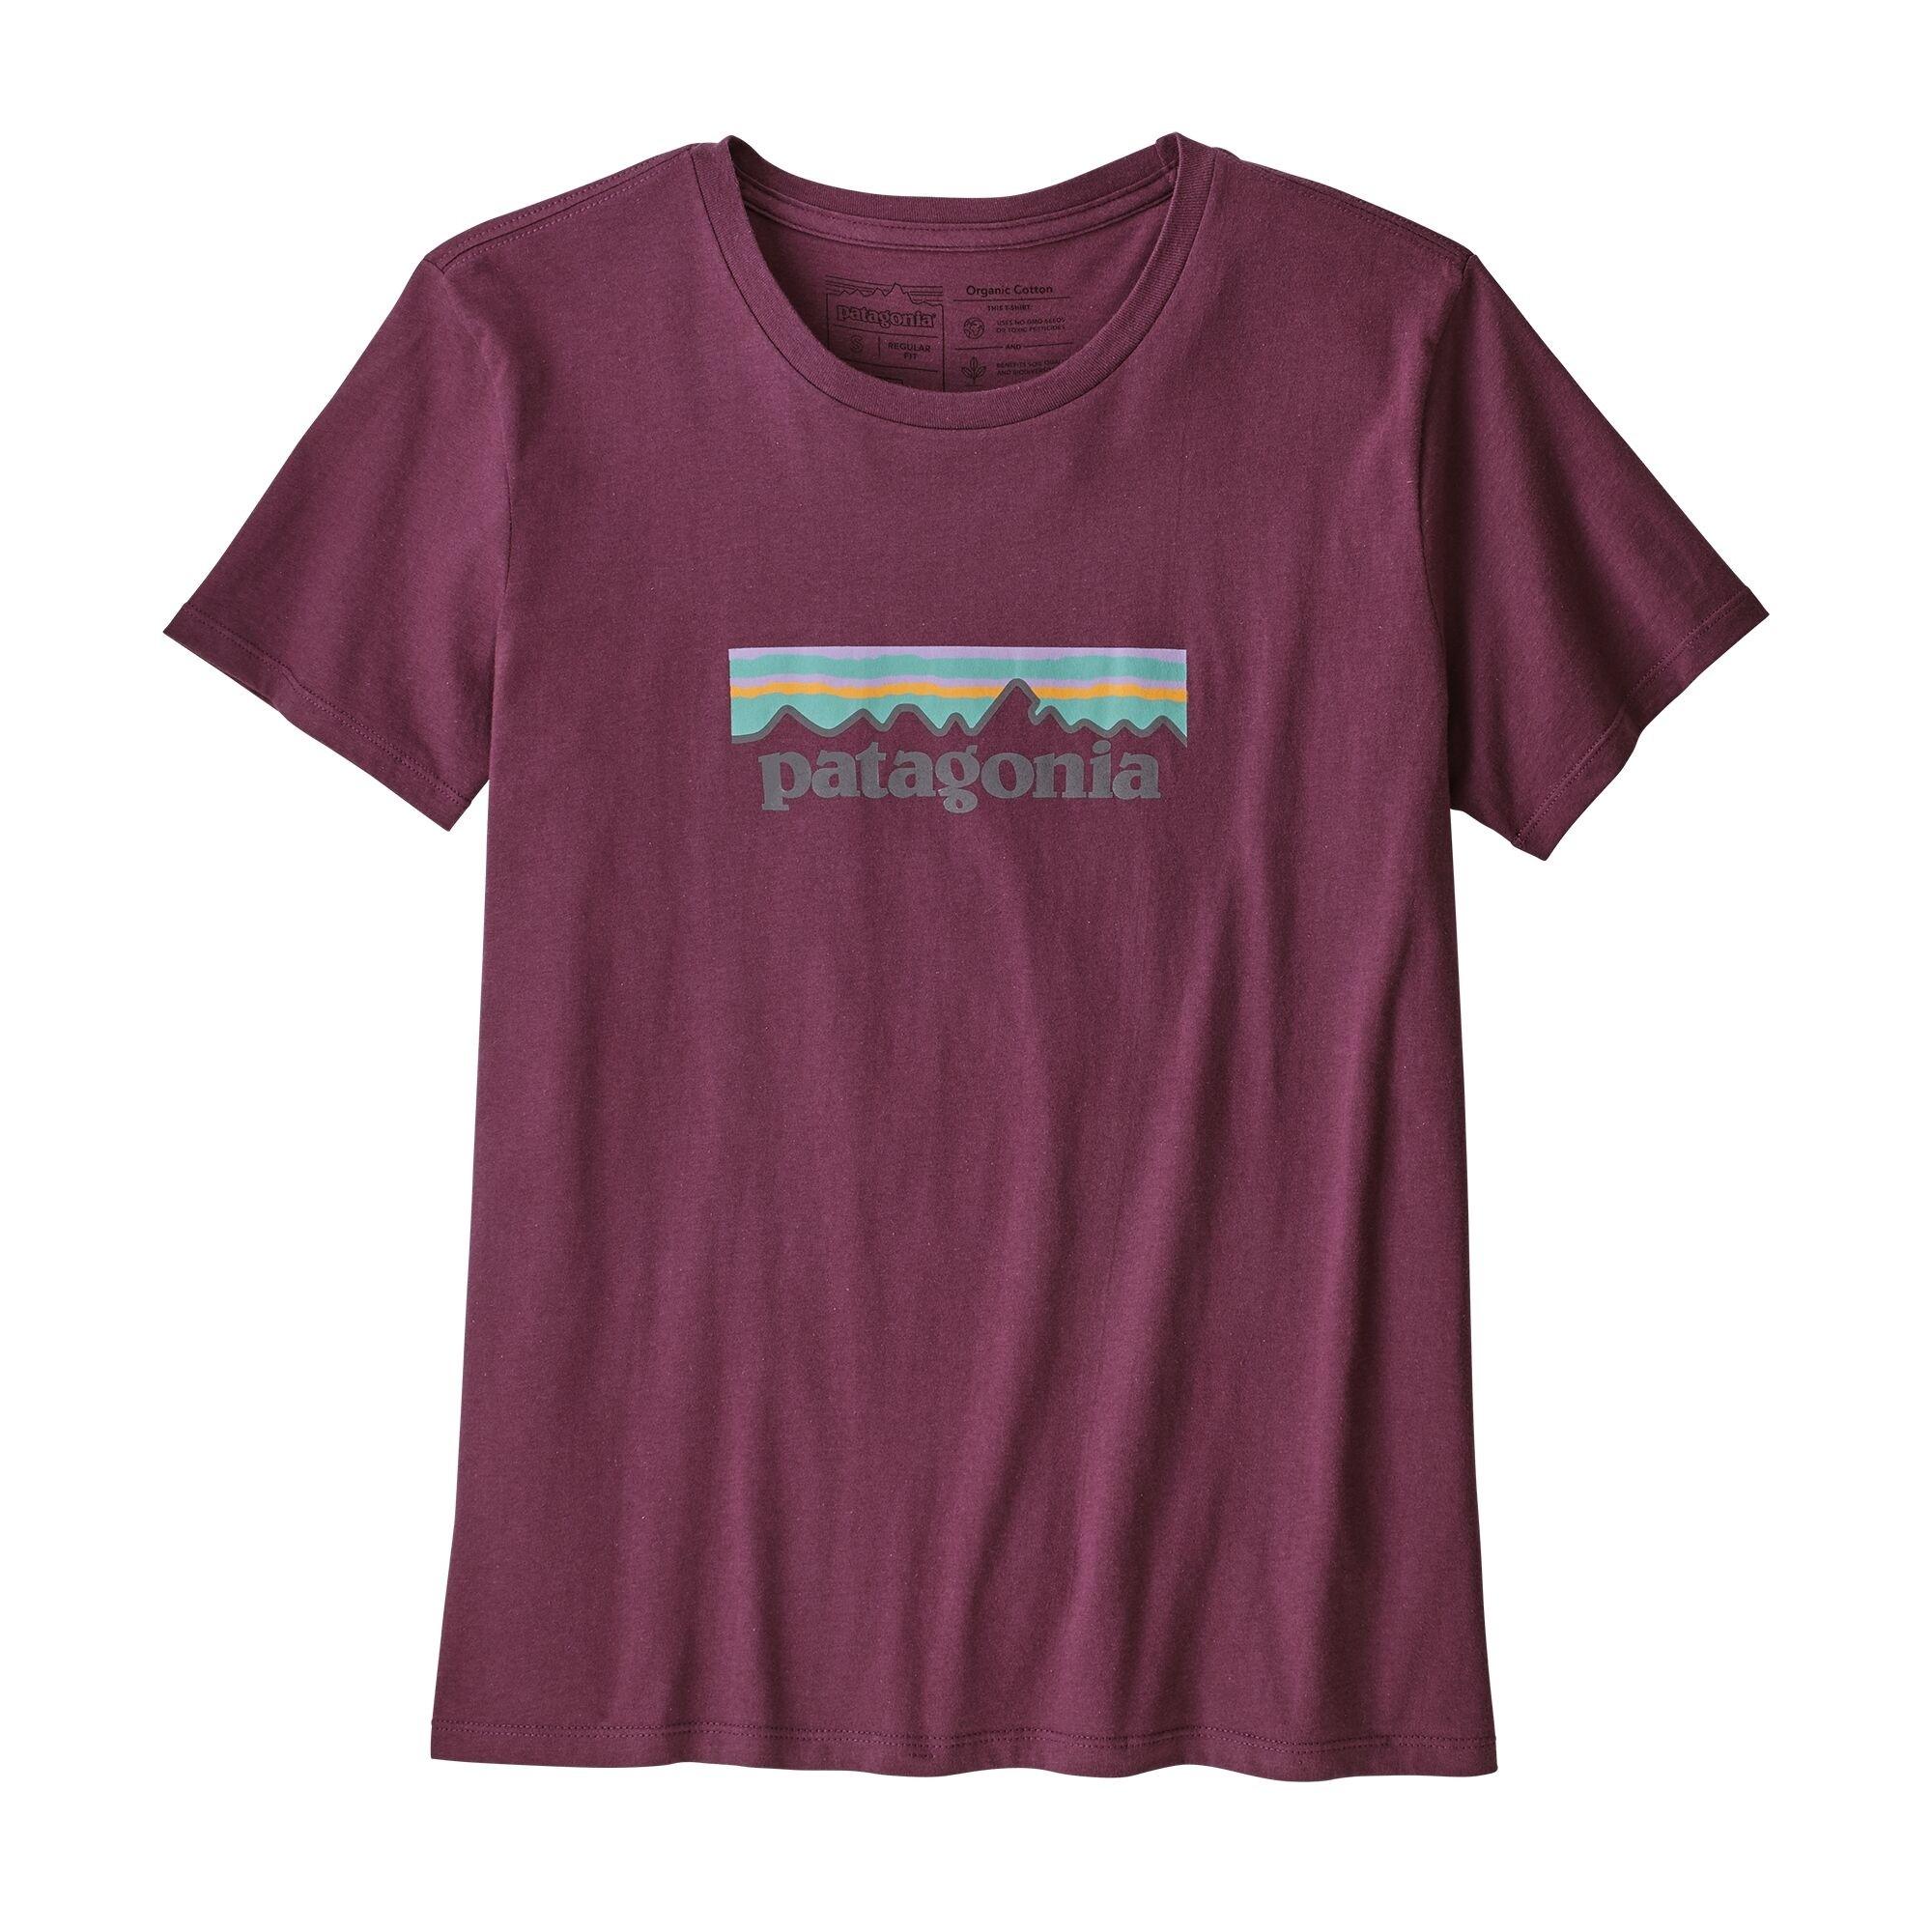 Patagonia Women's Pastel P-6 Logo Organic Cotton Crew T-Shirt : Light Balsamic